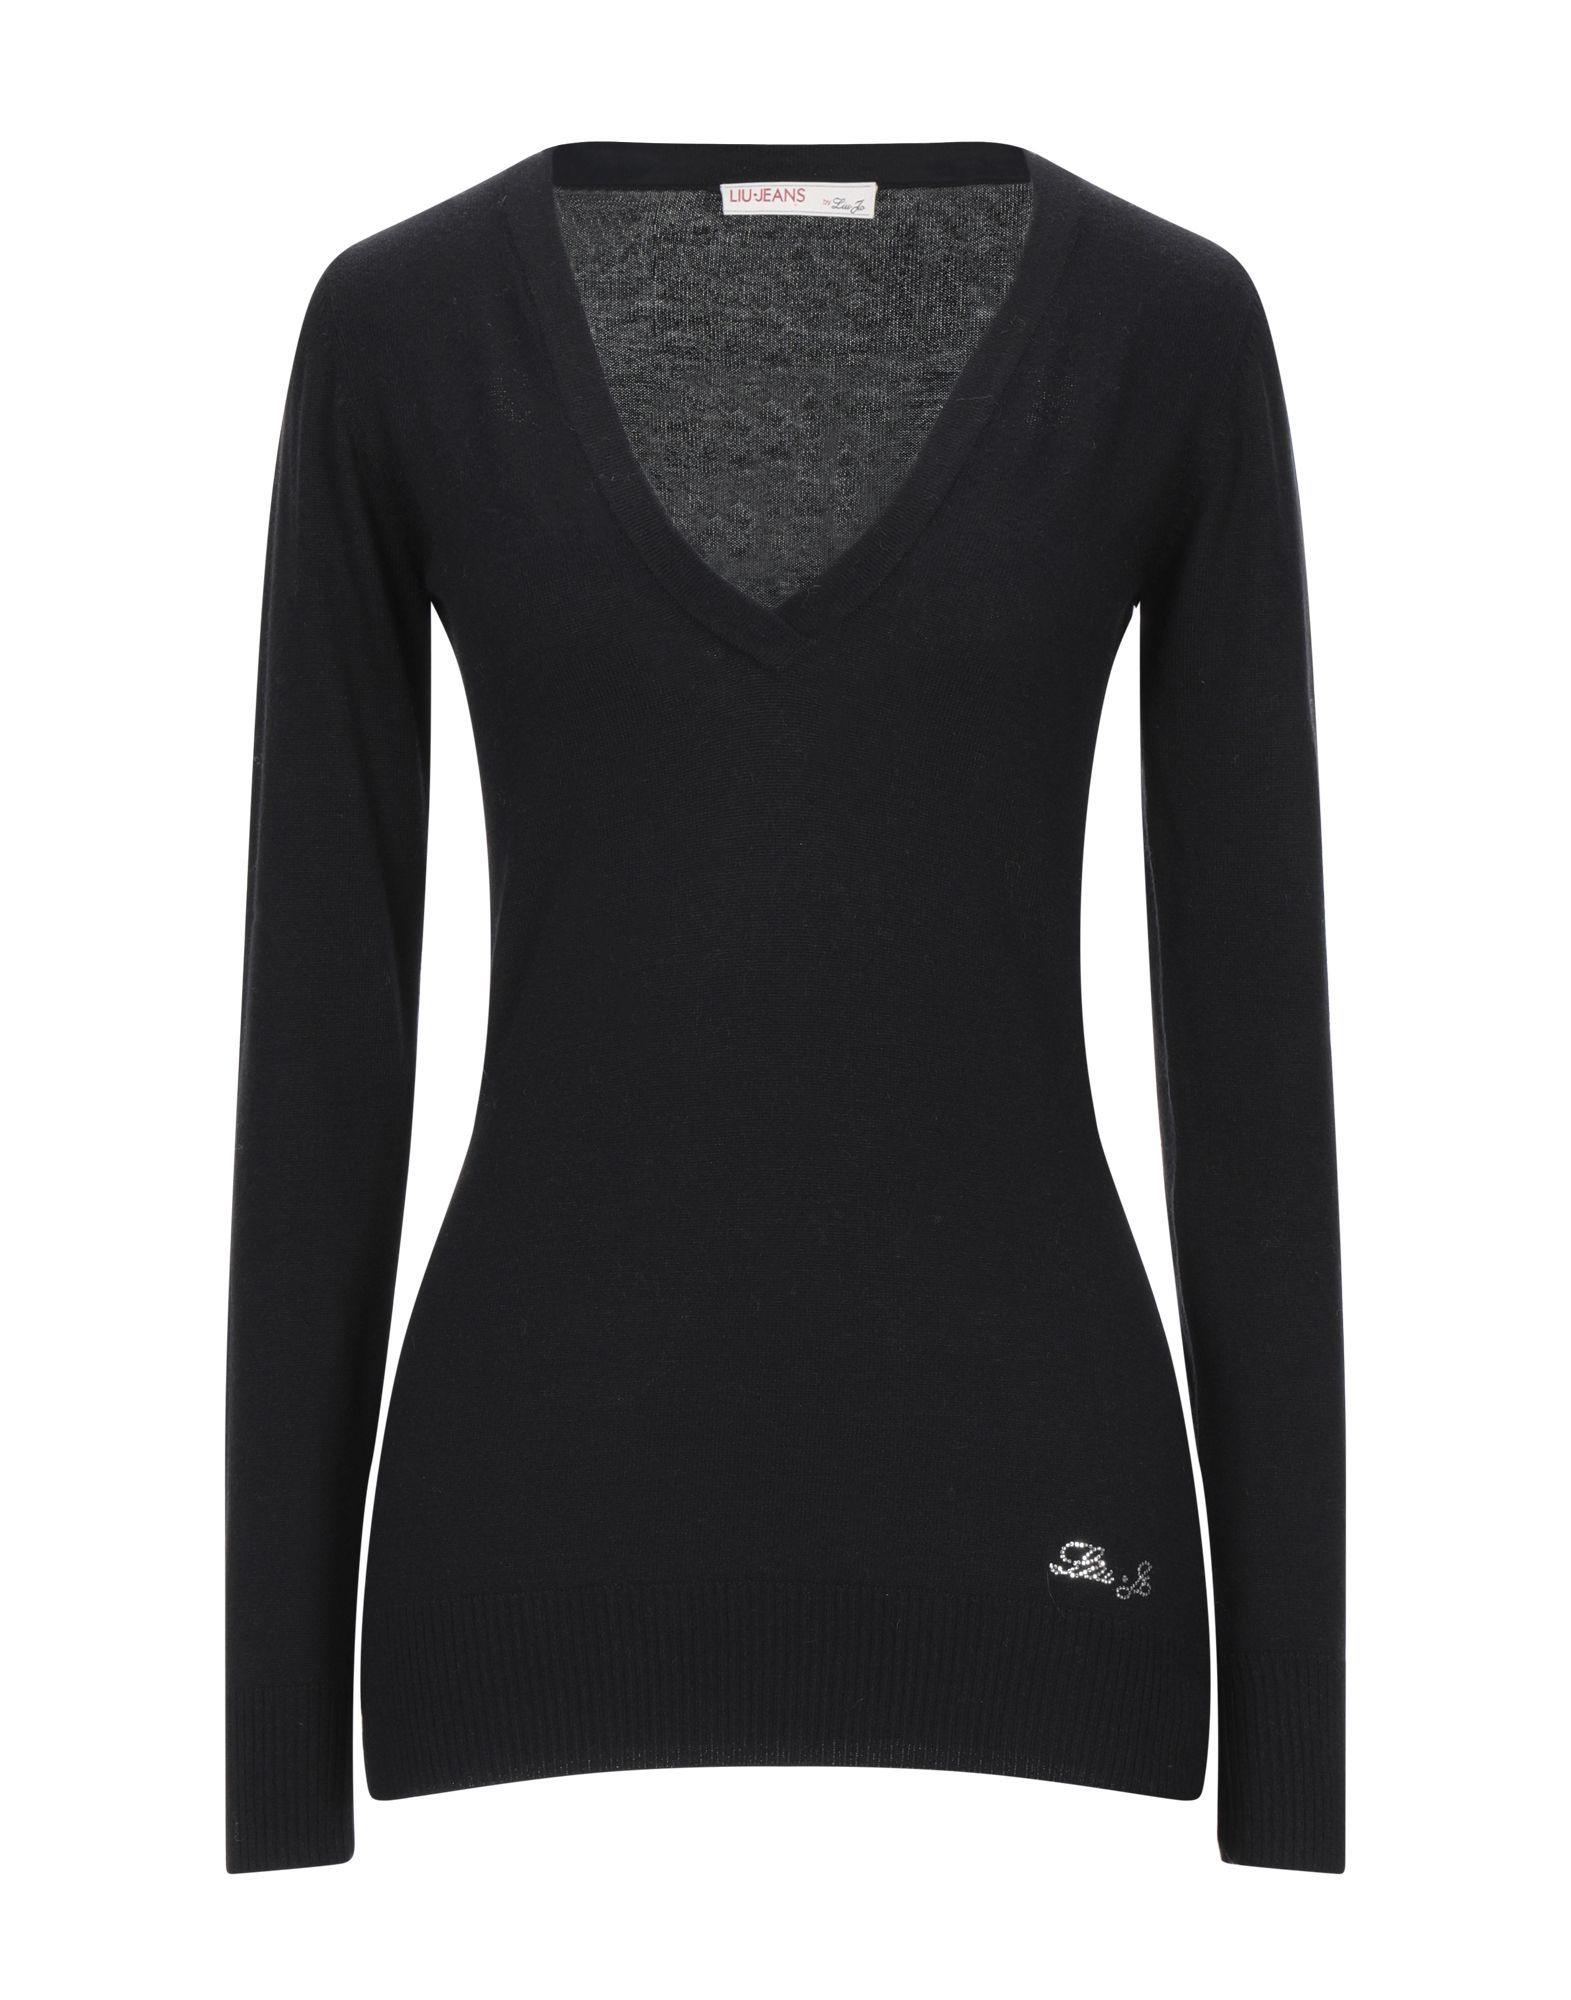 Liu Jo Black Cotton Knit Jumper